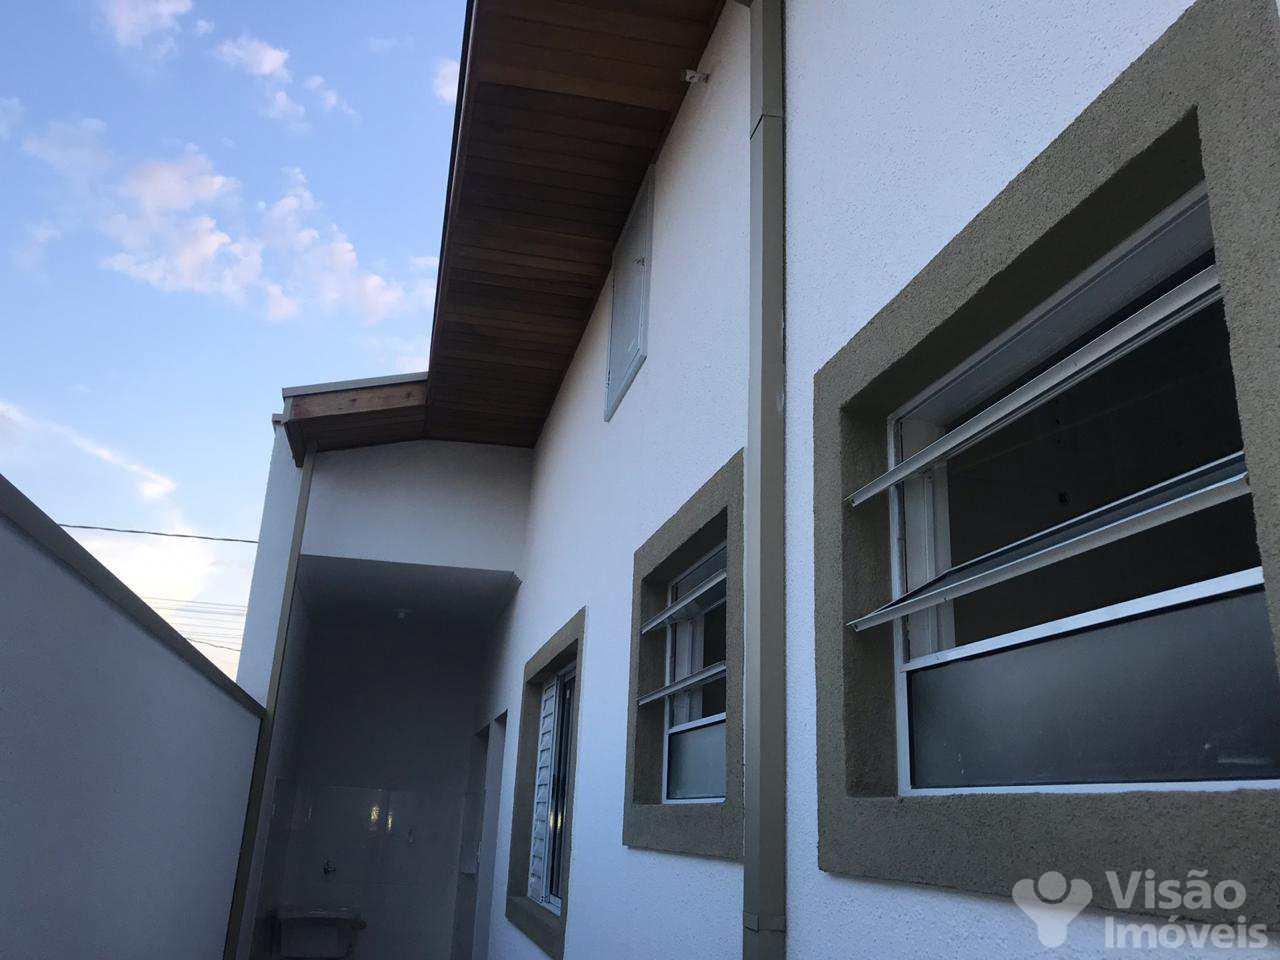 Casa de Condomínio com 2 dorms, Vila dos Comerciários 2, Taubaté - R$ 250 mil, Cod: 1920076